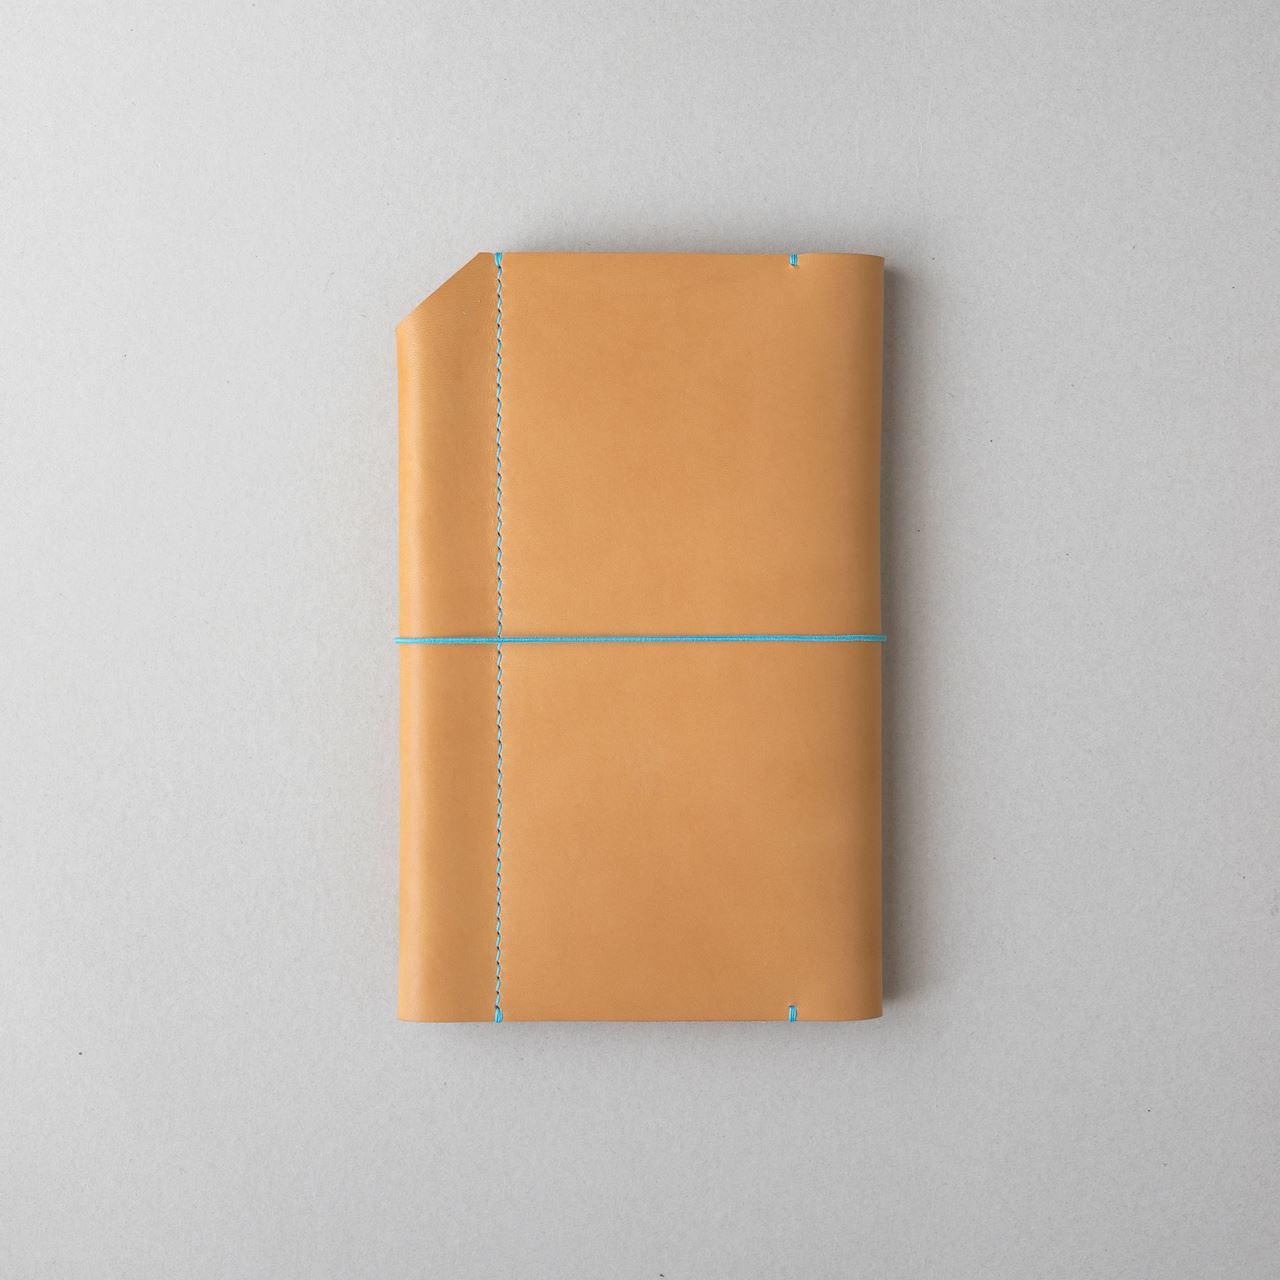 生成りヴィンテージのほぼ日手帳カバー1型WEEKSサイズをつくる